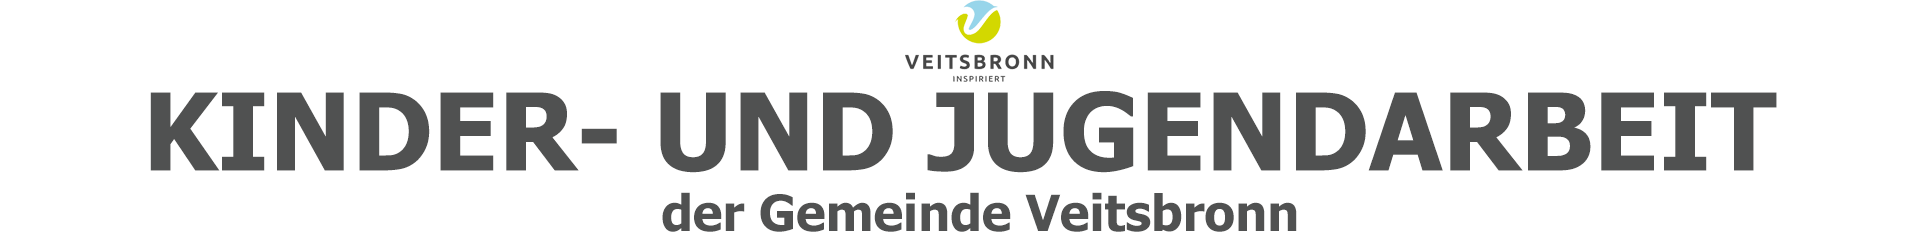 Jugendarbeit der Gemeinde Veitsbronn